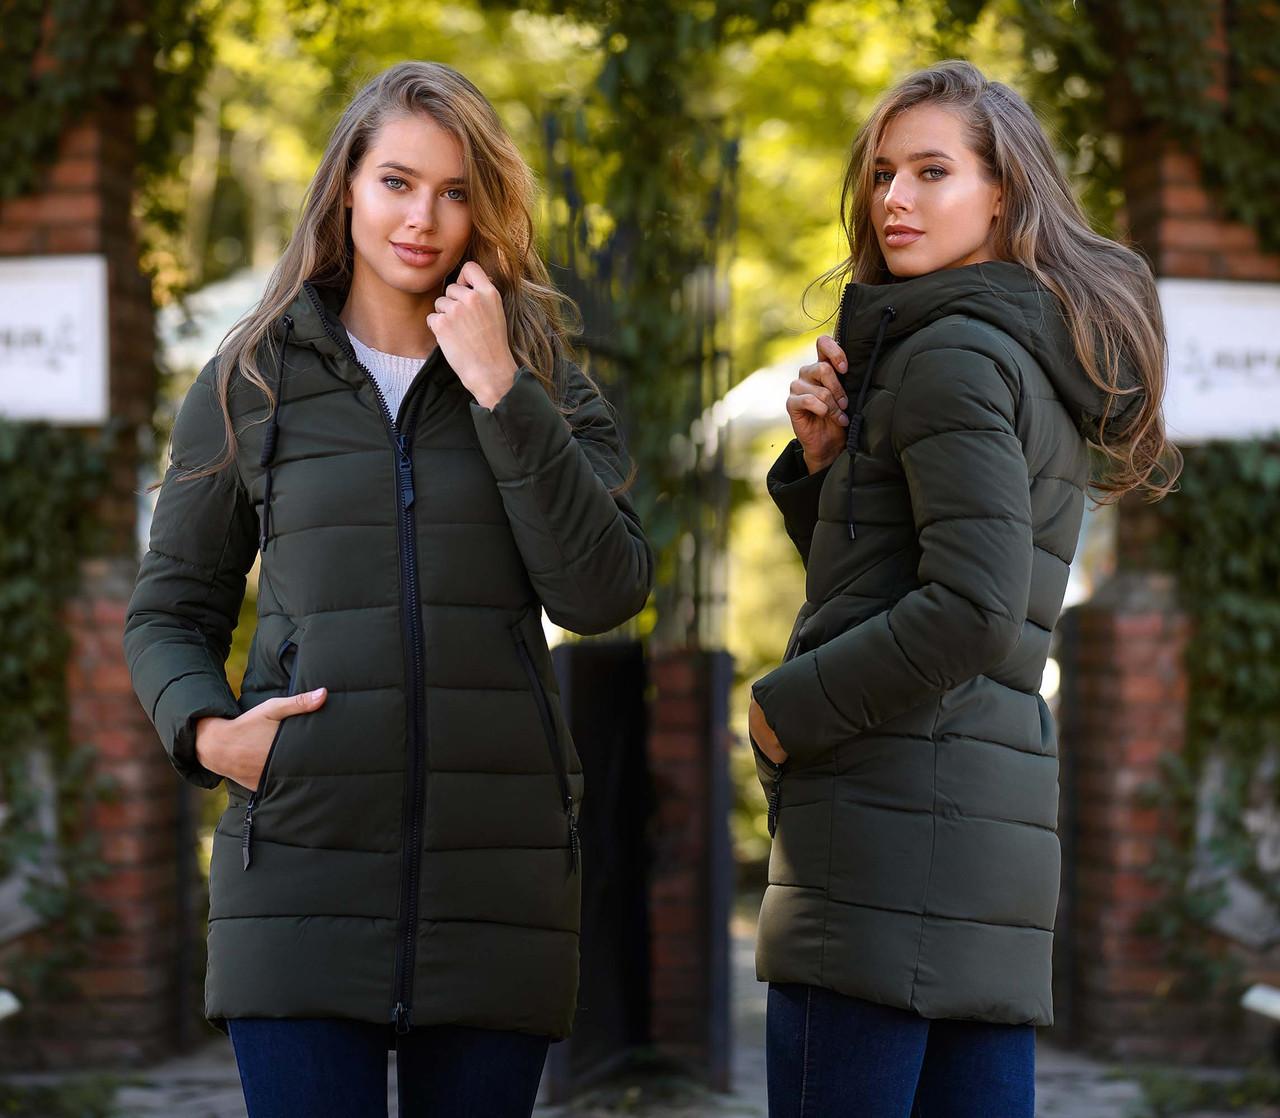 """Жіноча зимова куртка холлофайбер до великих розмірів 1981-1 """"Стібка Смуги Капюшон"""" в кольорах"""